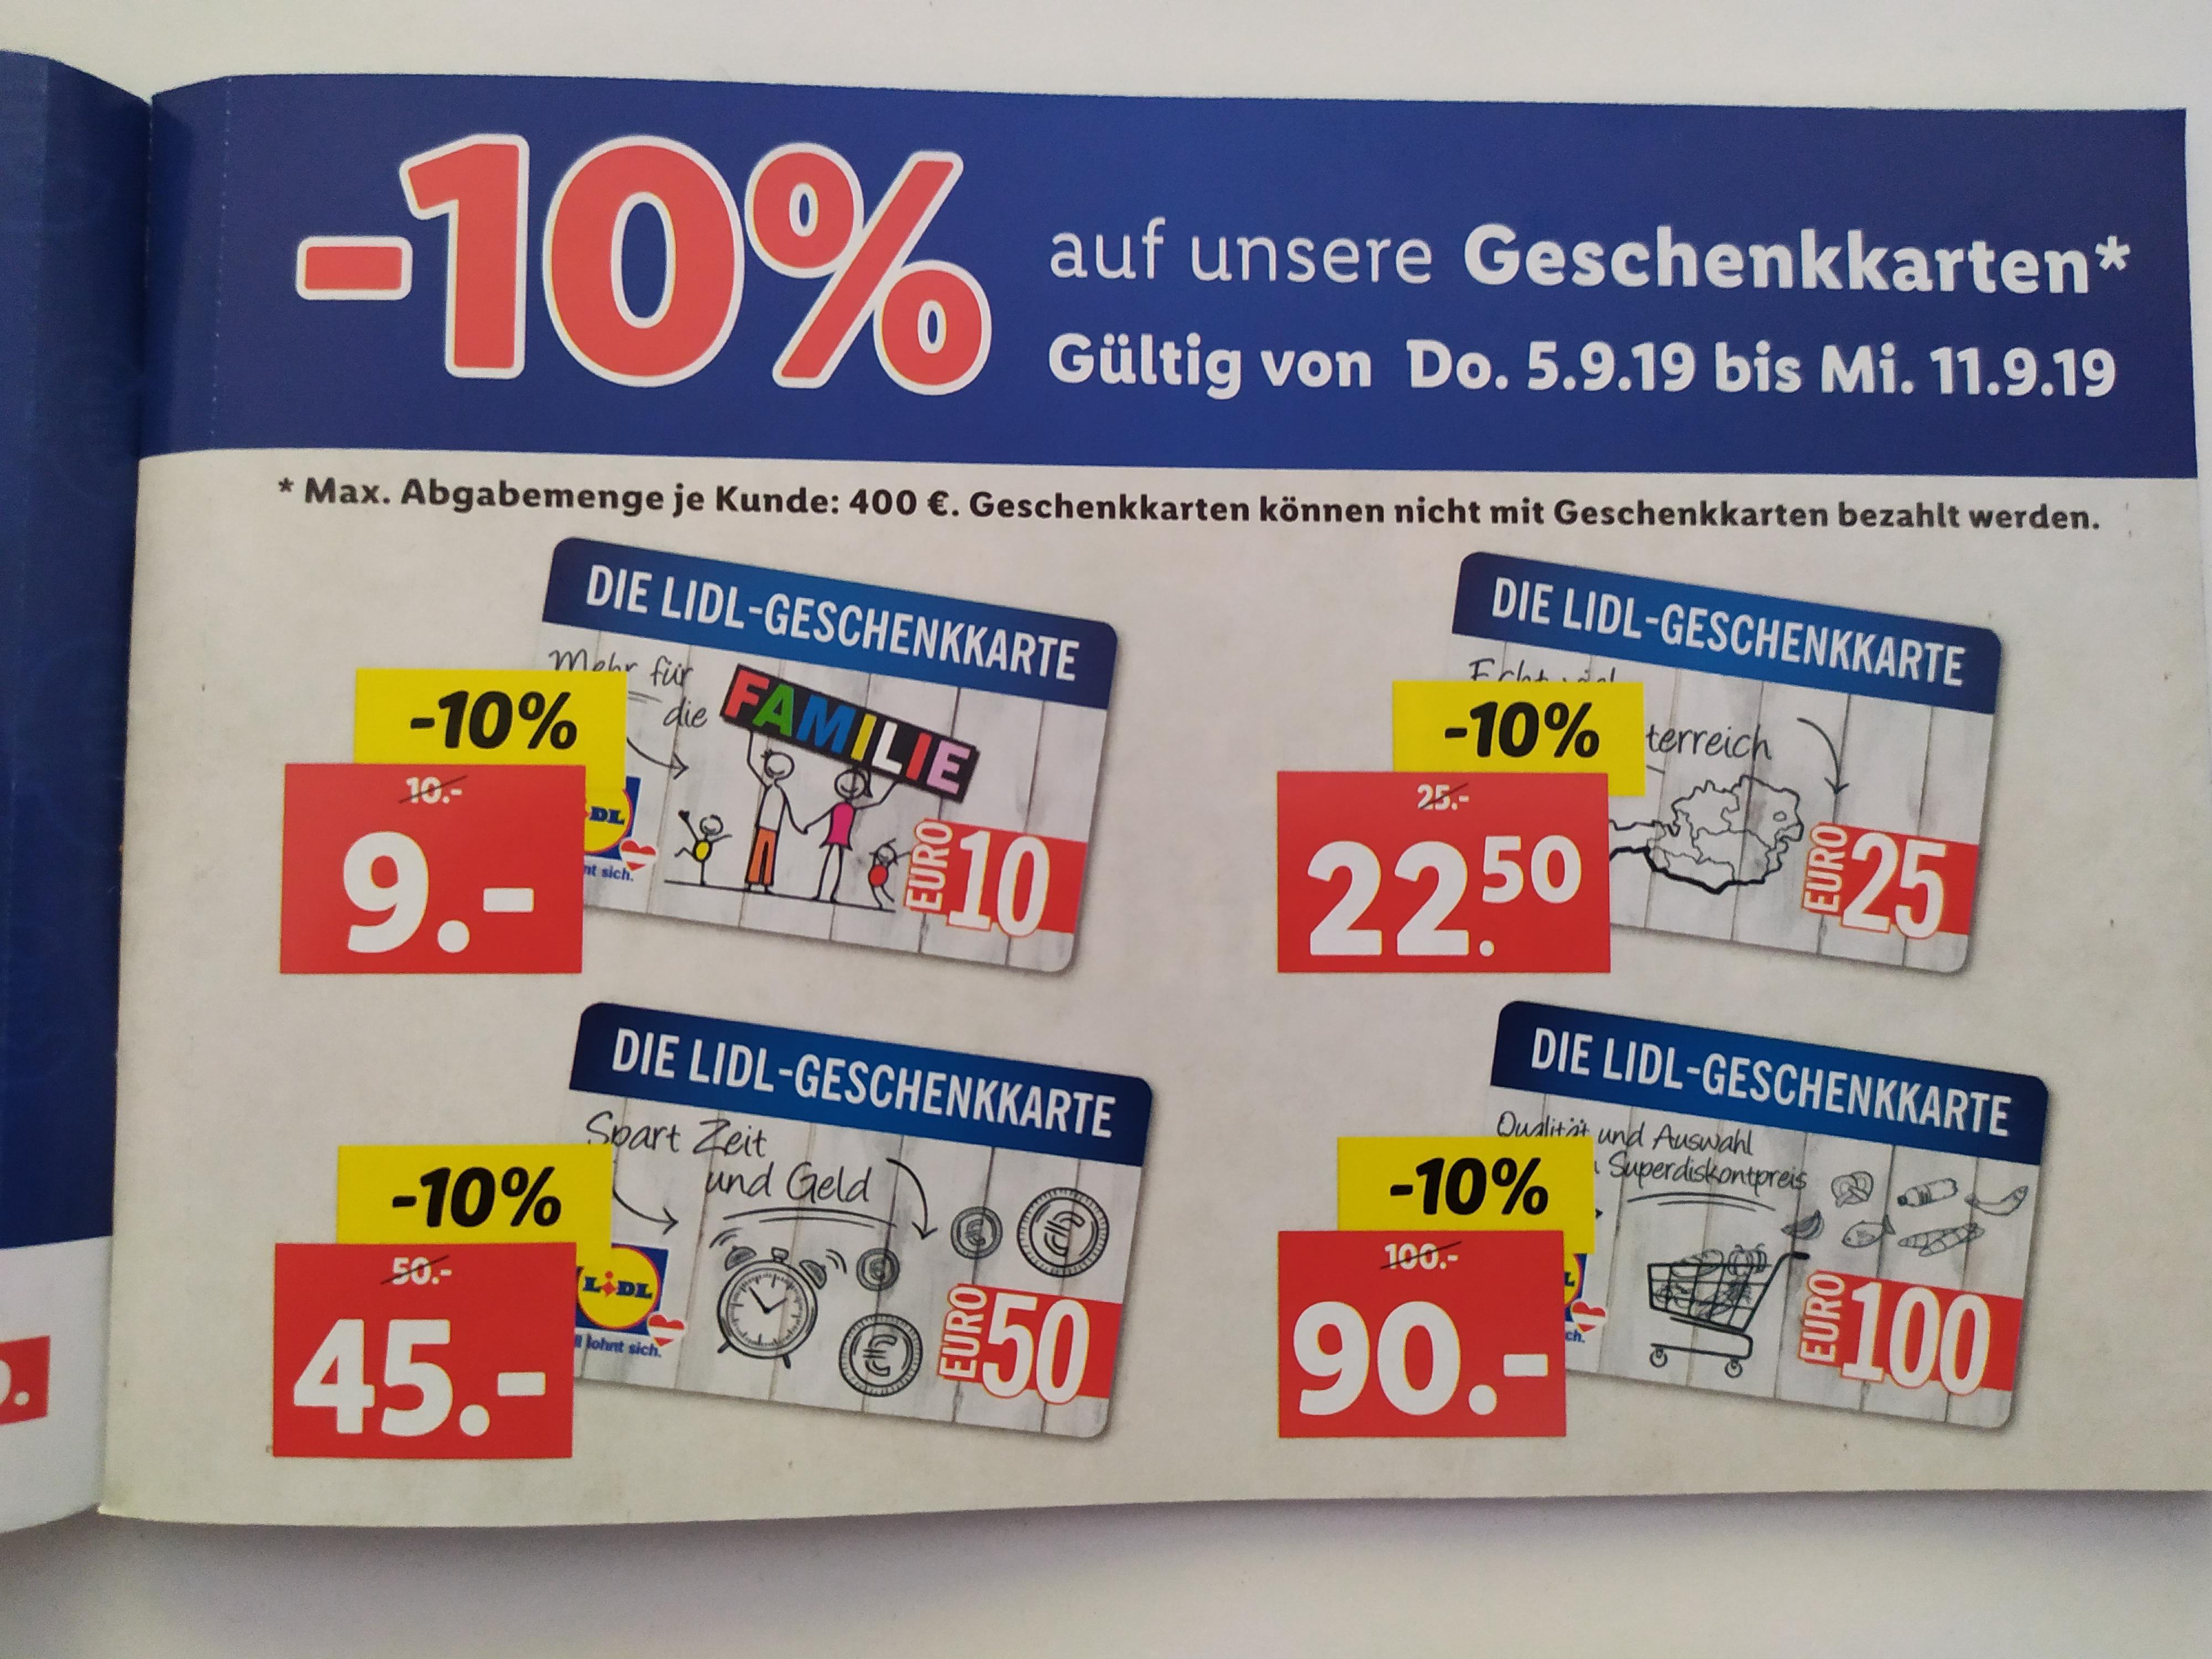 Neueröffnung Lidl Markt -10% auf Geschenkkarten bis 11.9.2019